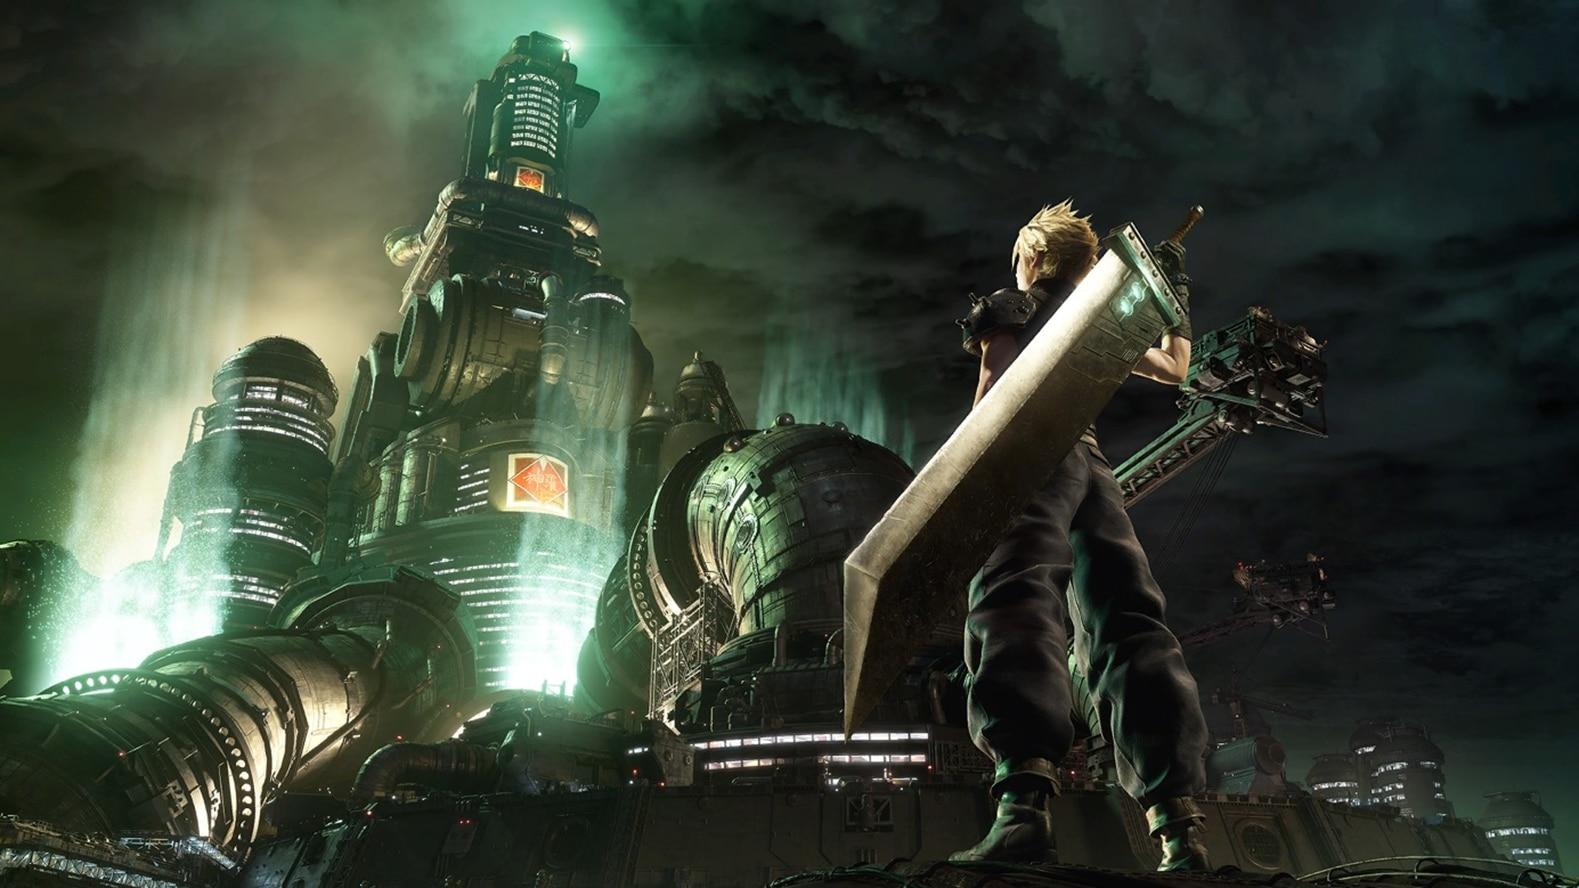 Le retour d'une légende : Final Fantasy VII remake